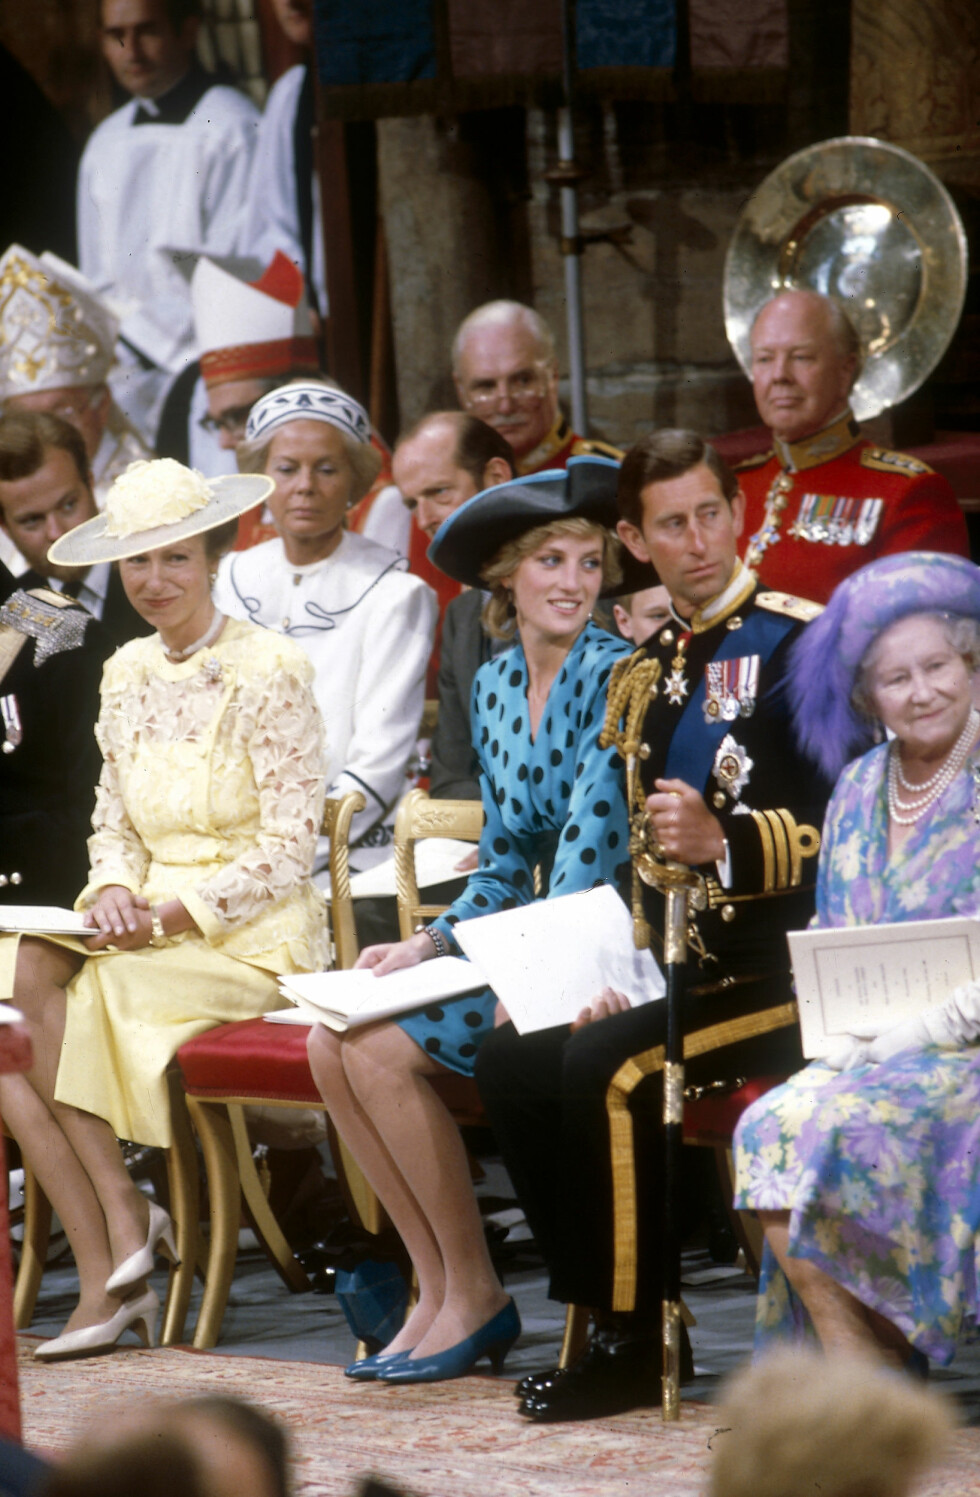 ROJALE GJESTER: Prinsesse Diana, som hadde et nært forhold til sin svigerinne Sarah Ferguson, og hennes daværende ektemann prins Charles (brudgommens storebror) var naturlig nok på plass i kirken da Sarah Ferguson og prins Andrew giftet seg i 1986. På Dianas høyre side sitter prinsesse Anne og på Charles' venstre side sitter den nå avdøde dronningmoren. Foto: NTB Scanpix